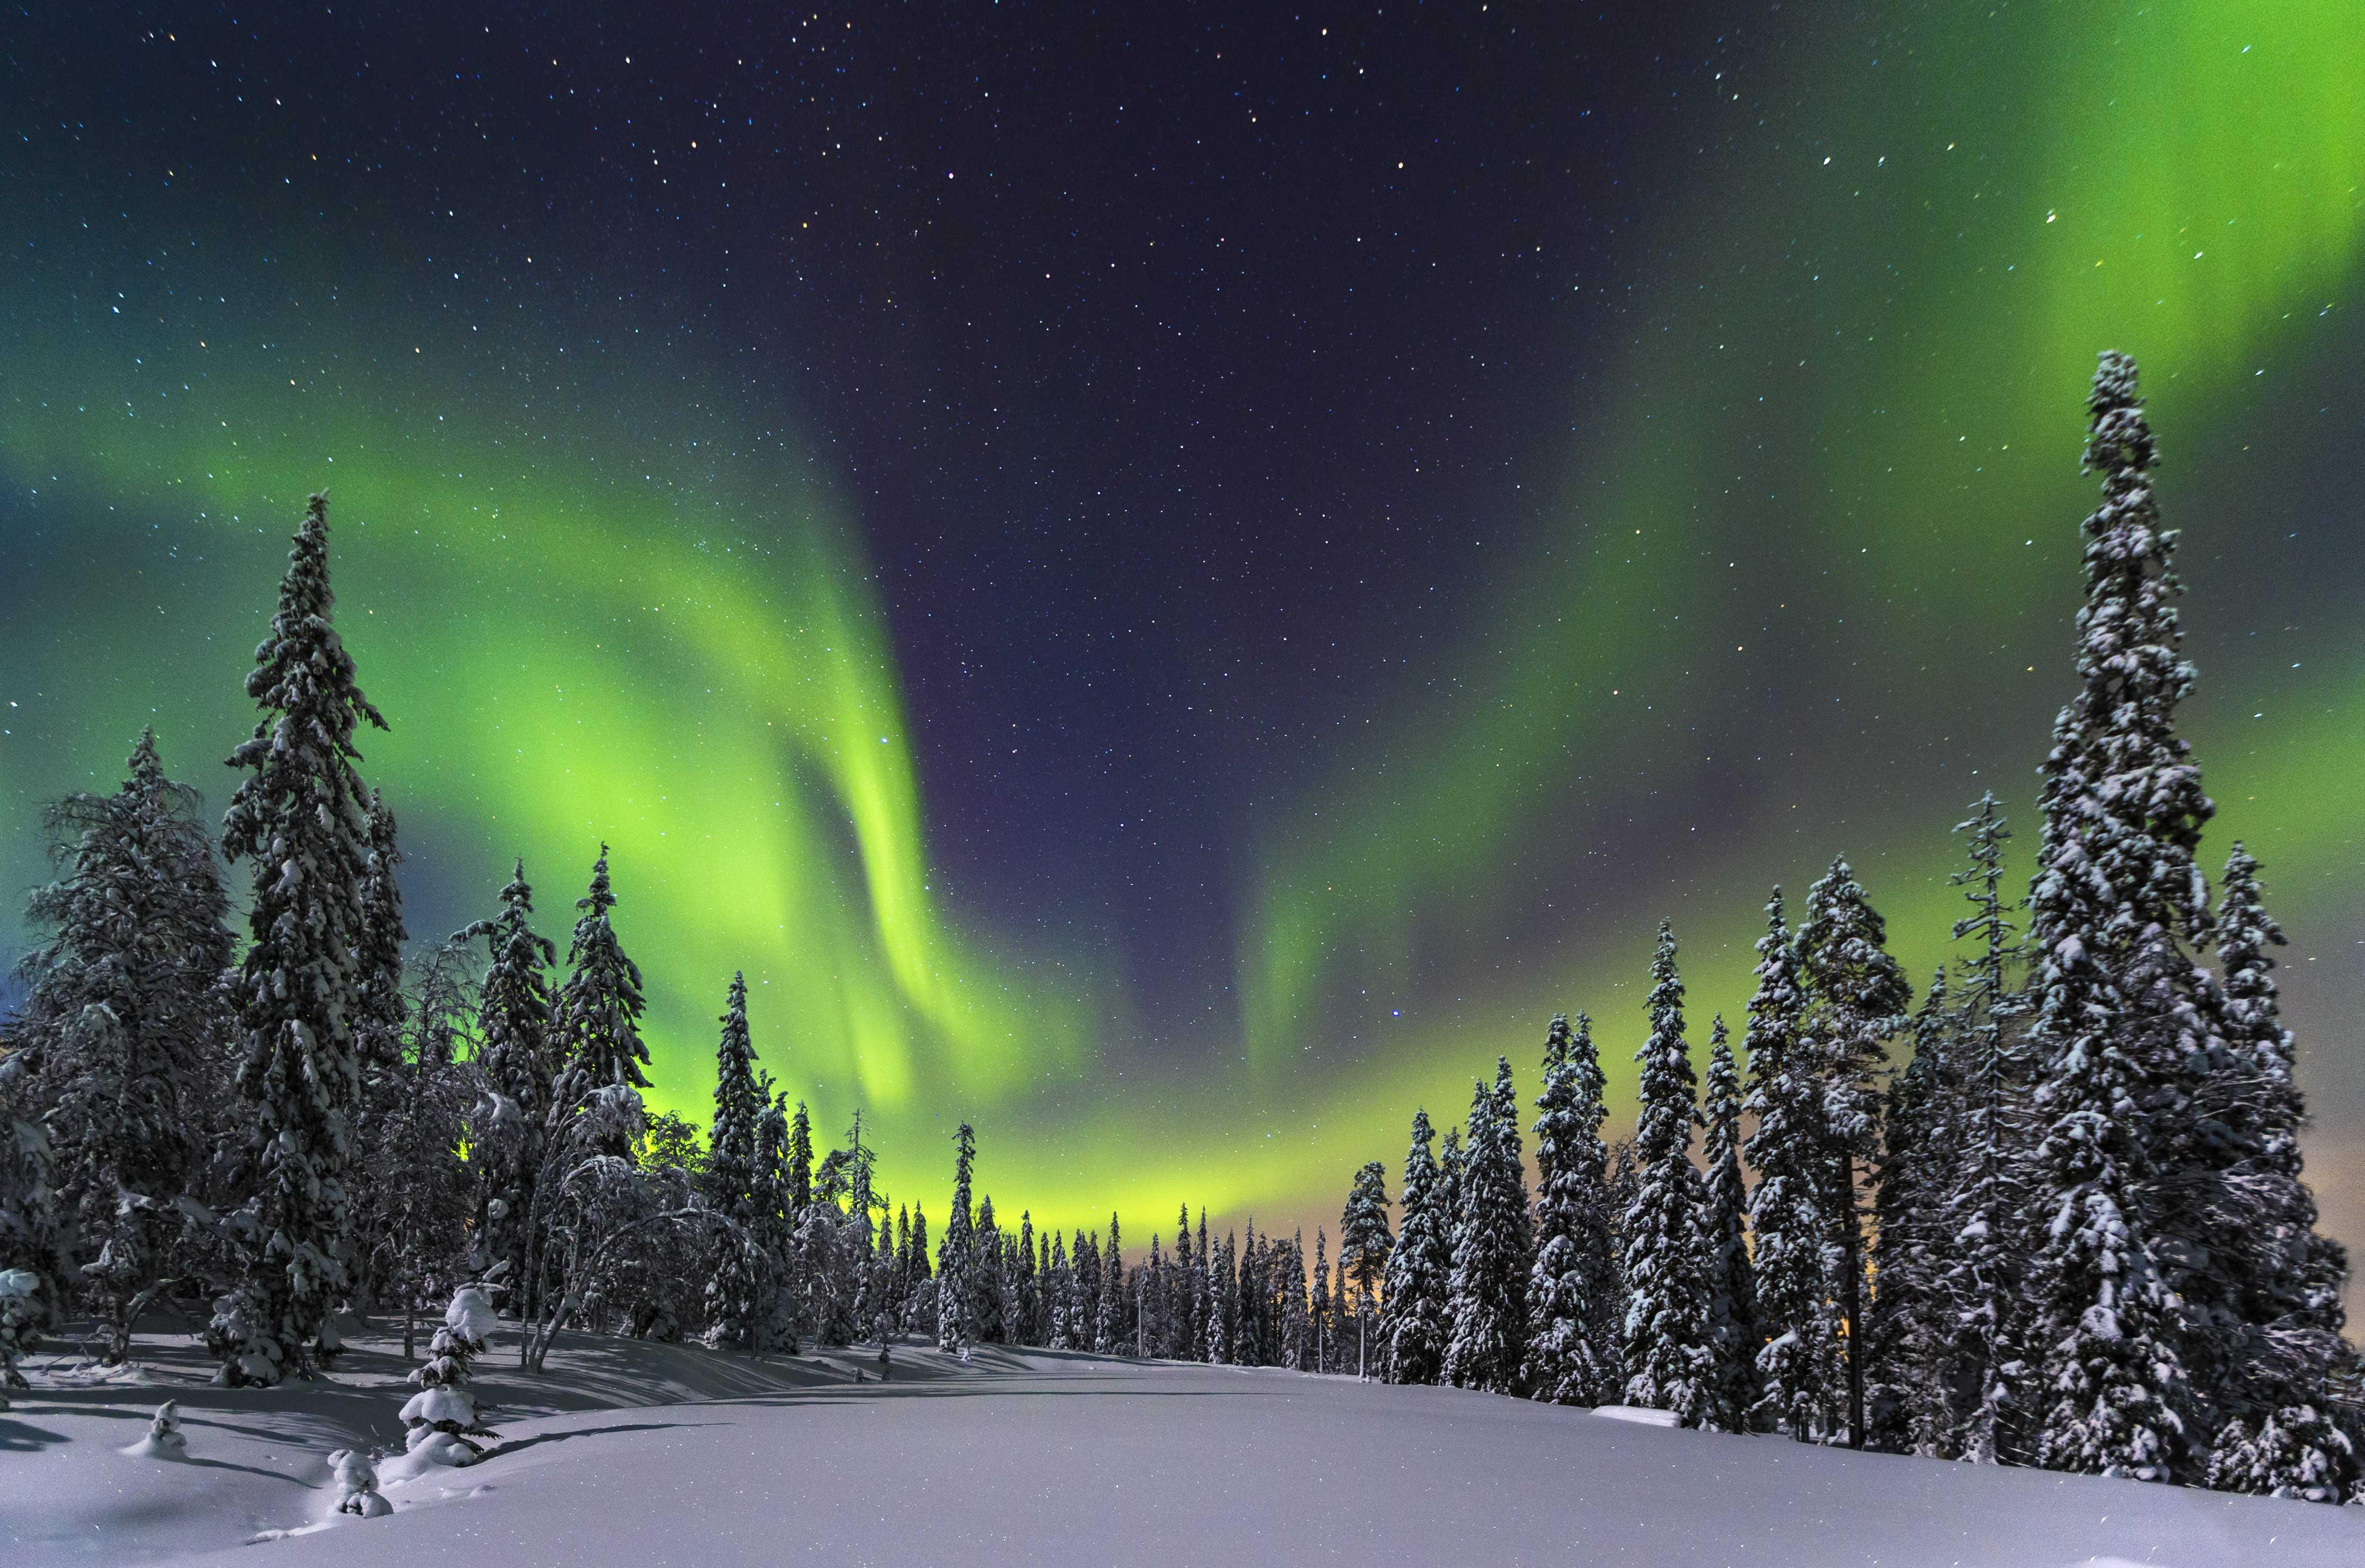 Finland Noord-licht